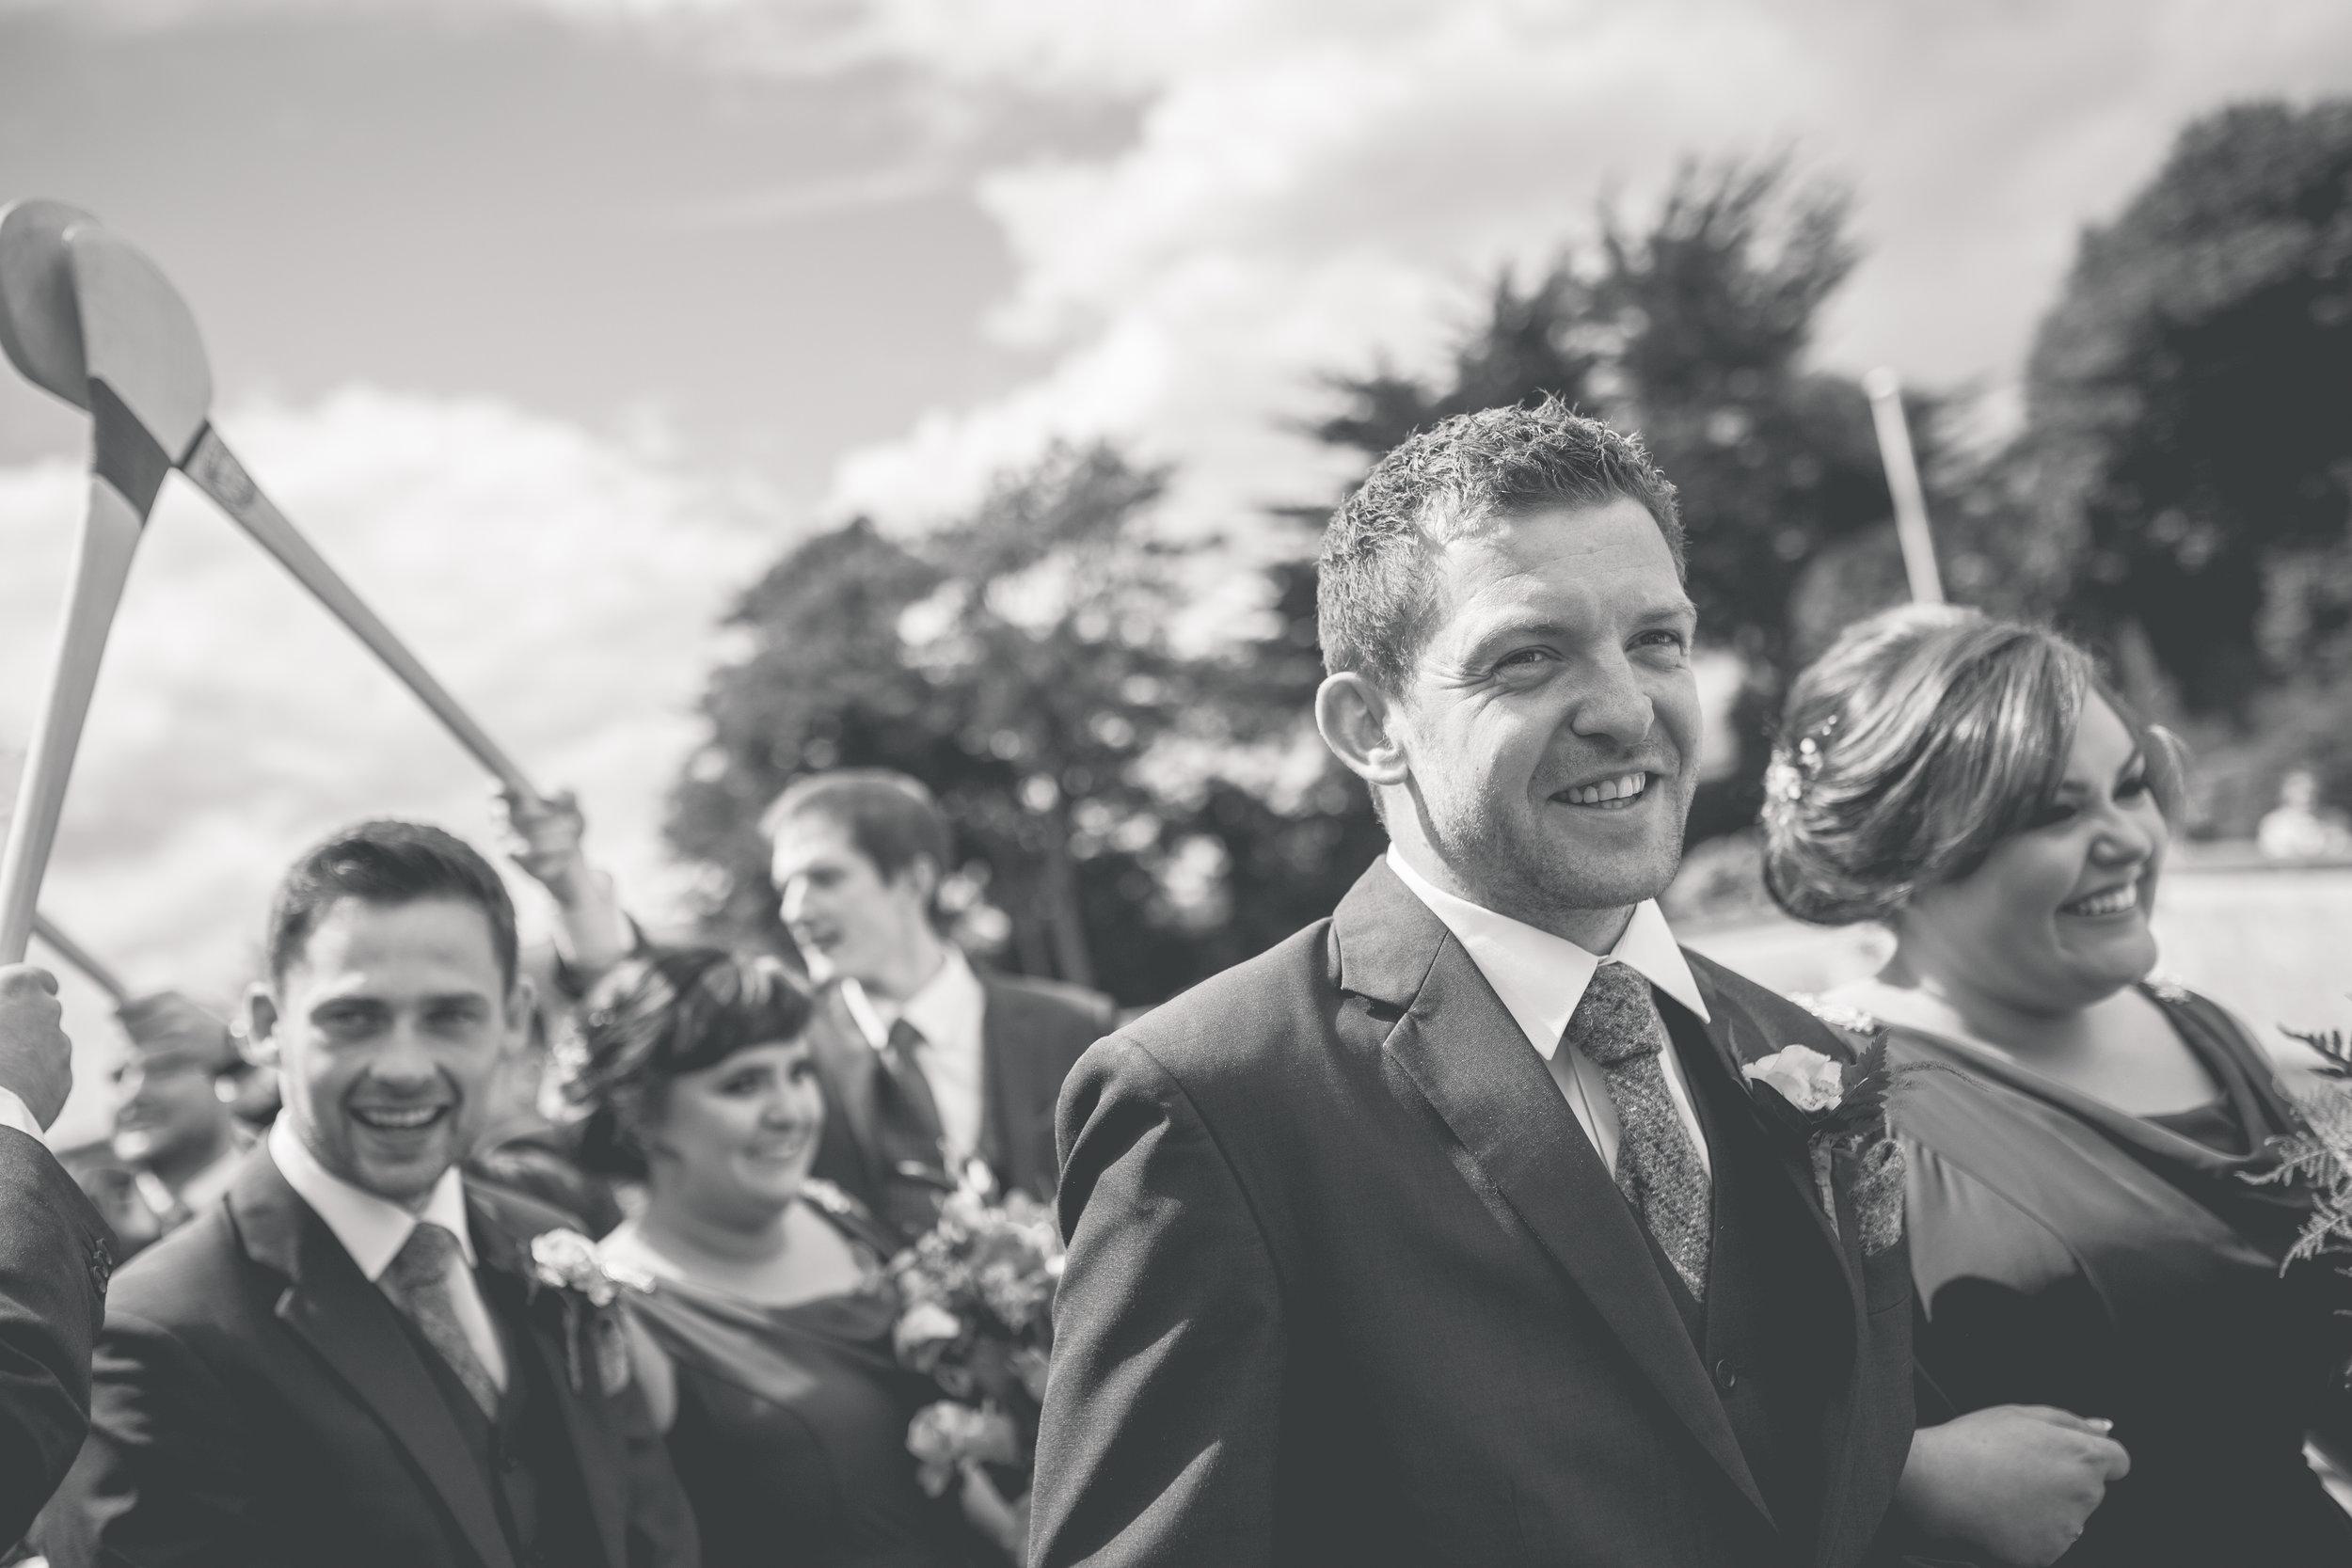 Brian McEwan Wedding Photography   Carol-Anne & Sean   The Ceremony-96.jpg